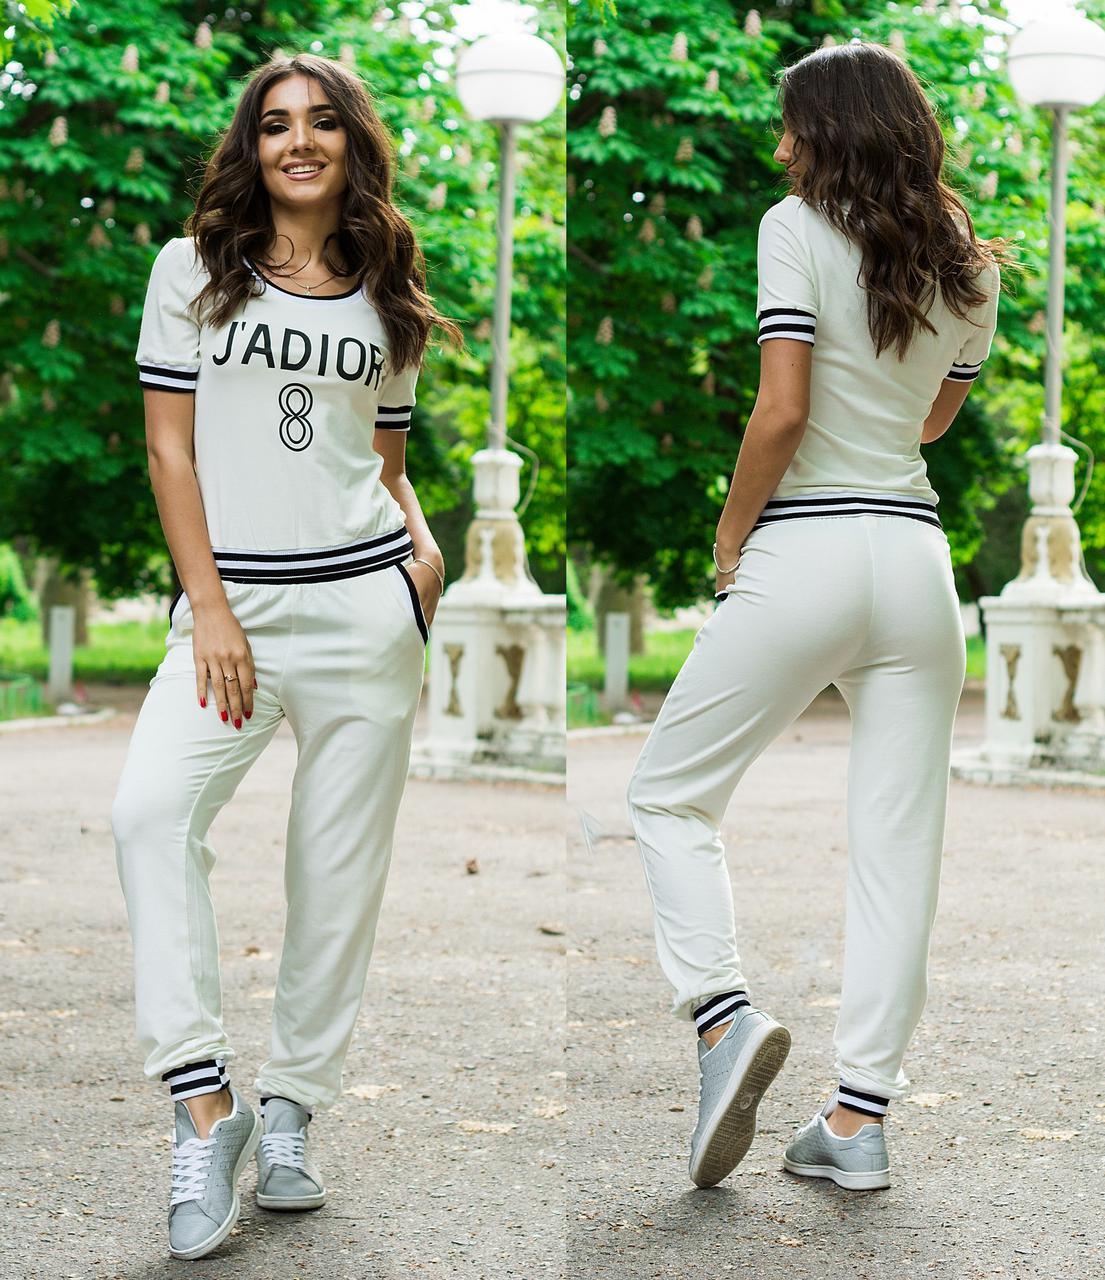 aa397755abe Белый летний спортивный костюм женский  штаны и футболка - AMONA  интернет-магазин модной одежды